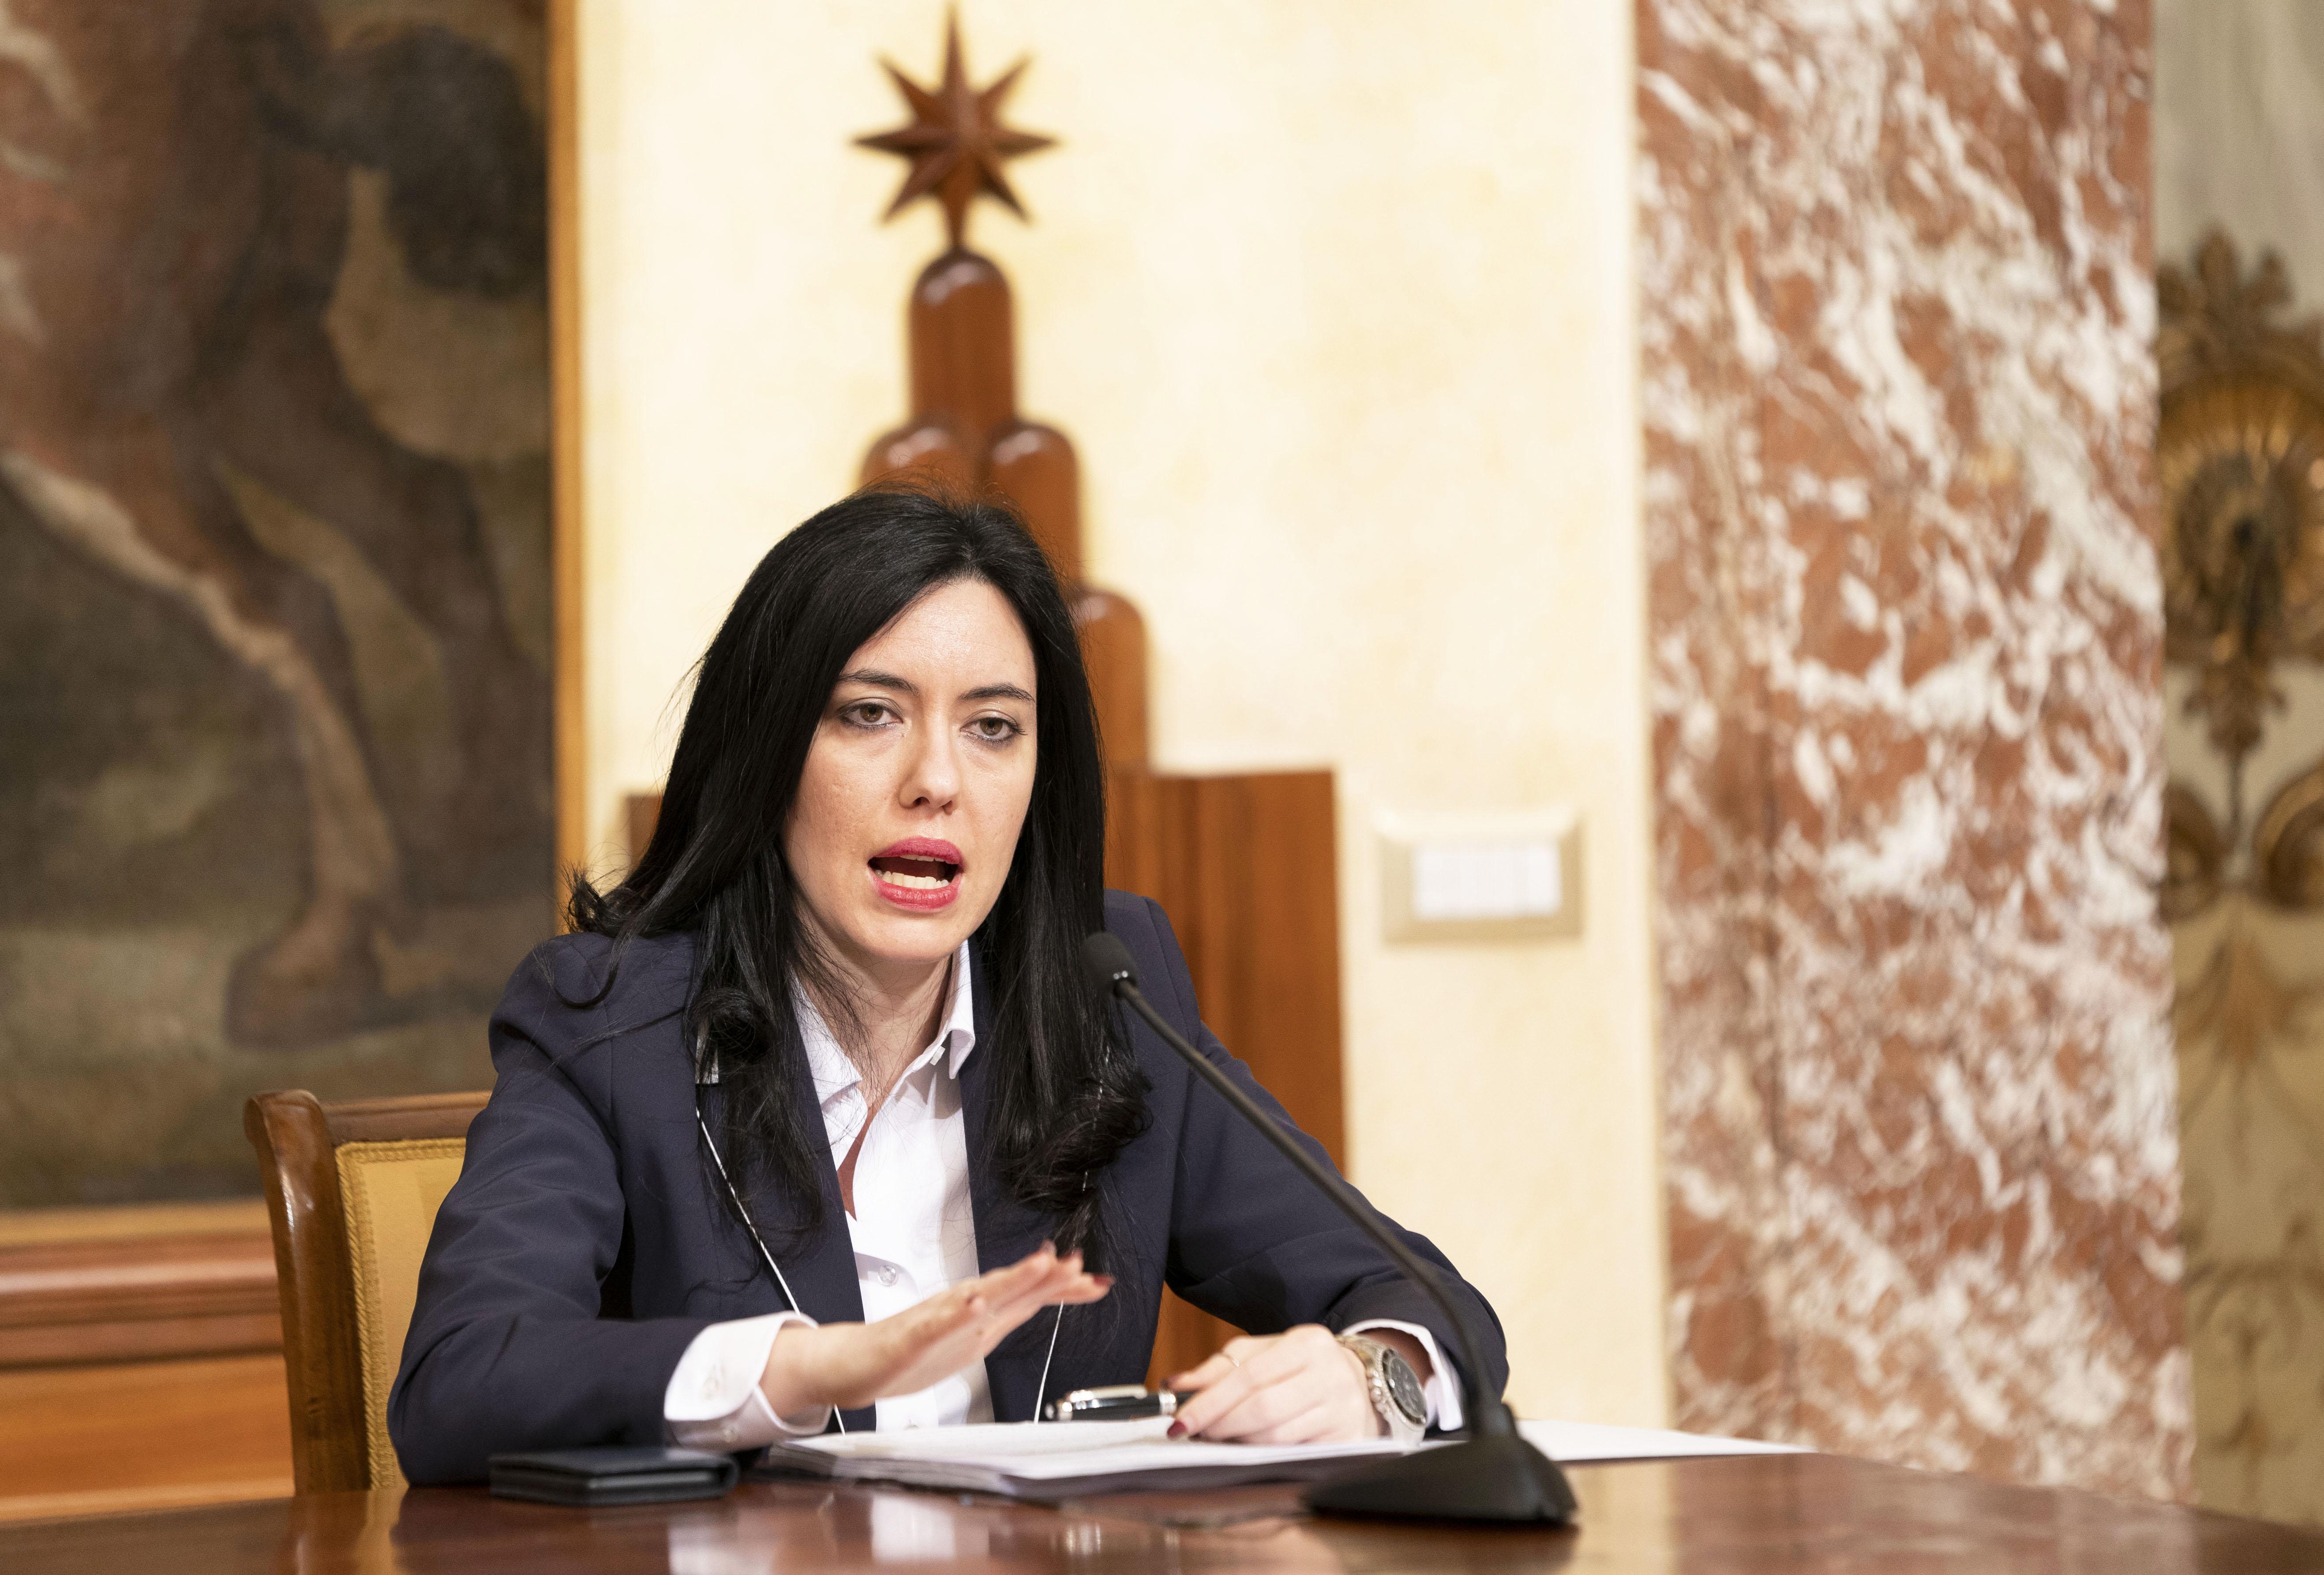 Lucia Azzolina ministro dell'istruzione .Foto Filippo Attili/Palazzo Chigi/LaPresse